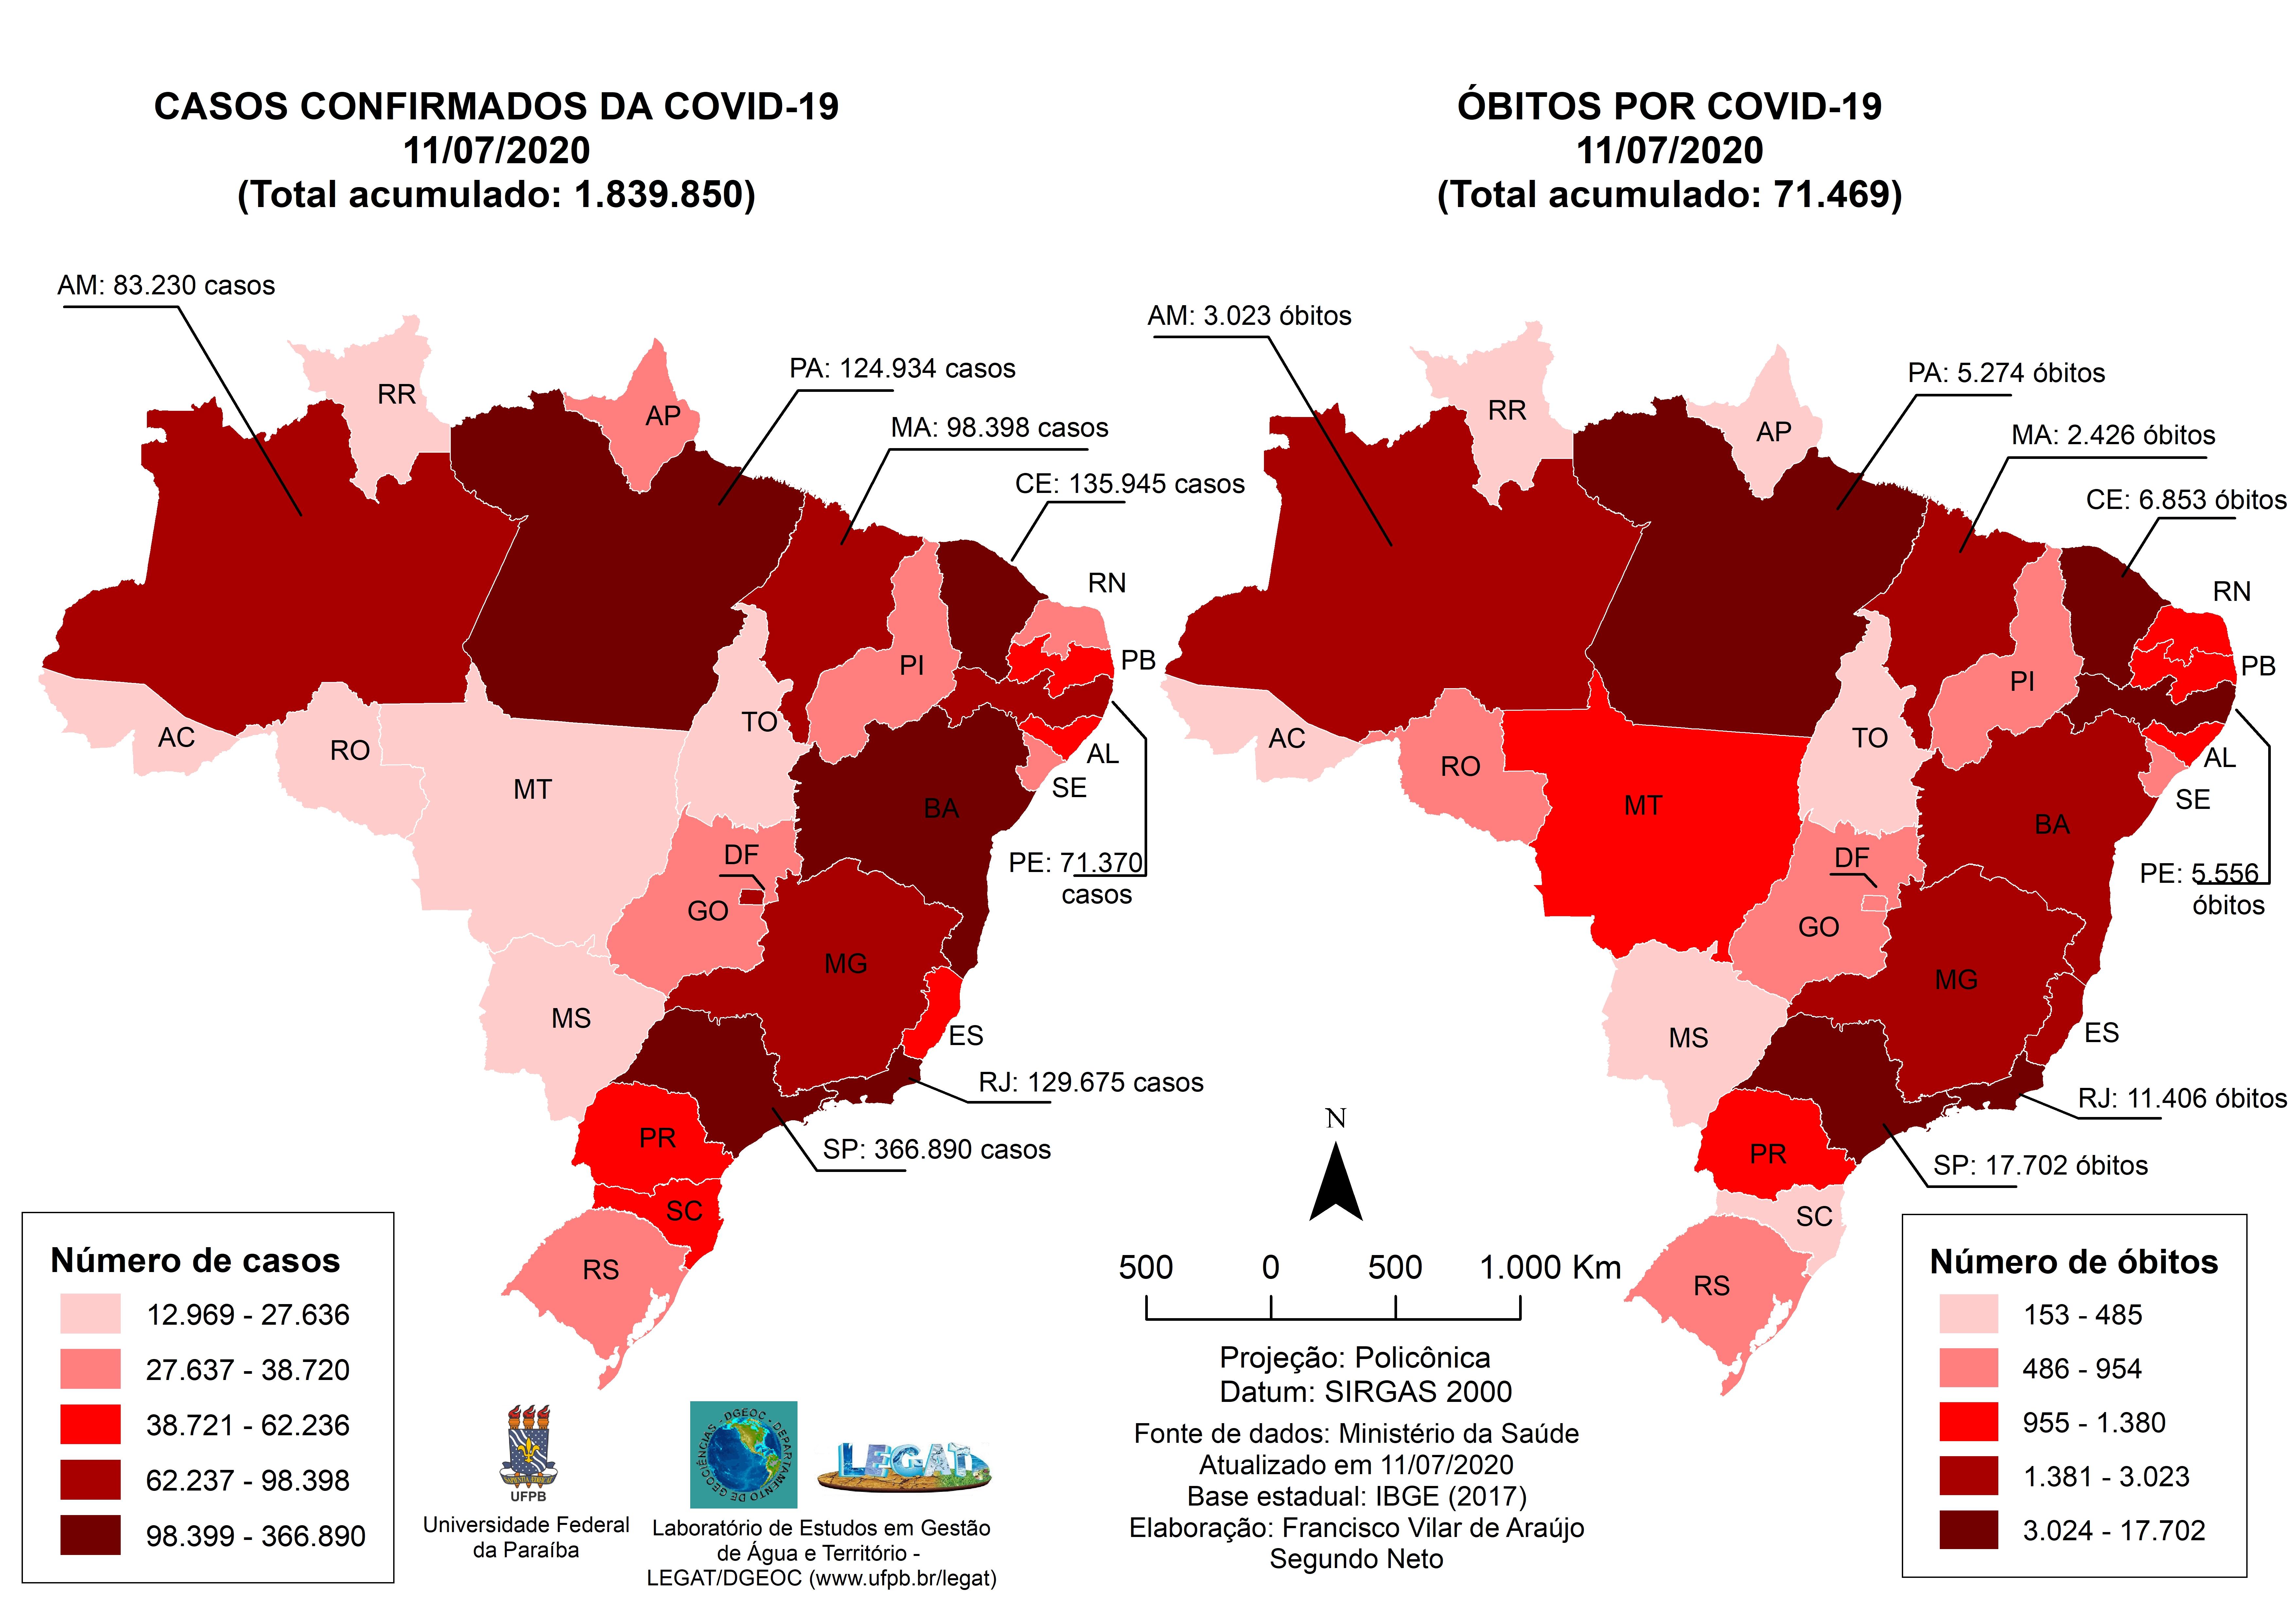 A Pandemia Em Mapas Covid 19 No Brasil Universidade Federal Da Paraiba Ufpb Laboratorio De Estudos Em Gestao De Agua E Territorio